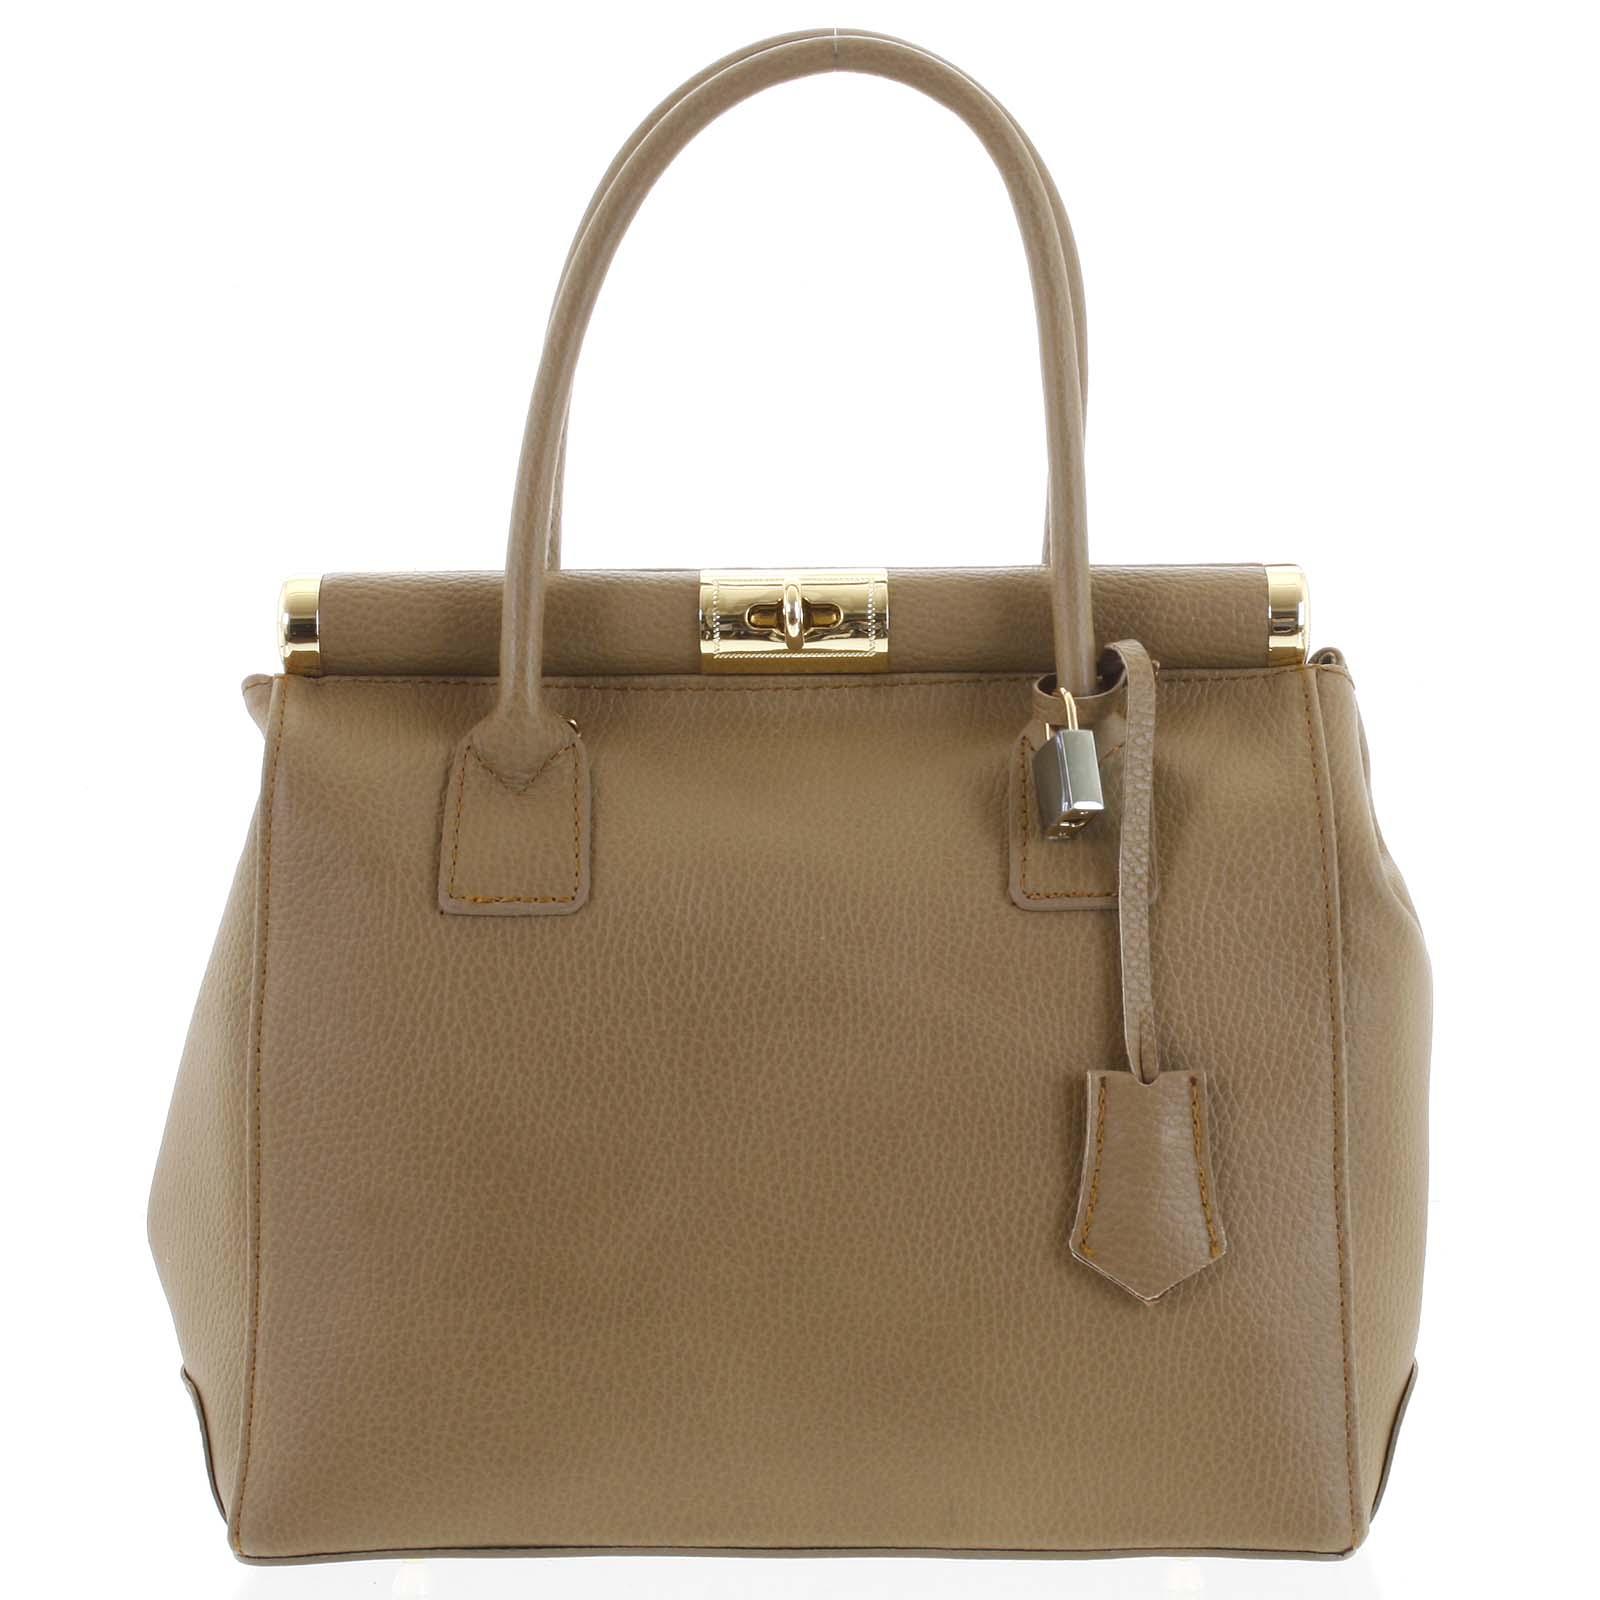 Luxusní dámská kožená kabelka do ruky béžová - ItalY Hyla